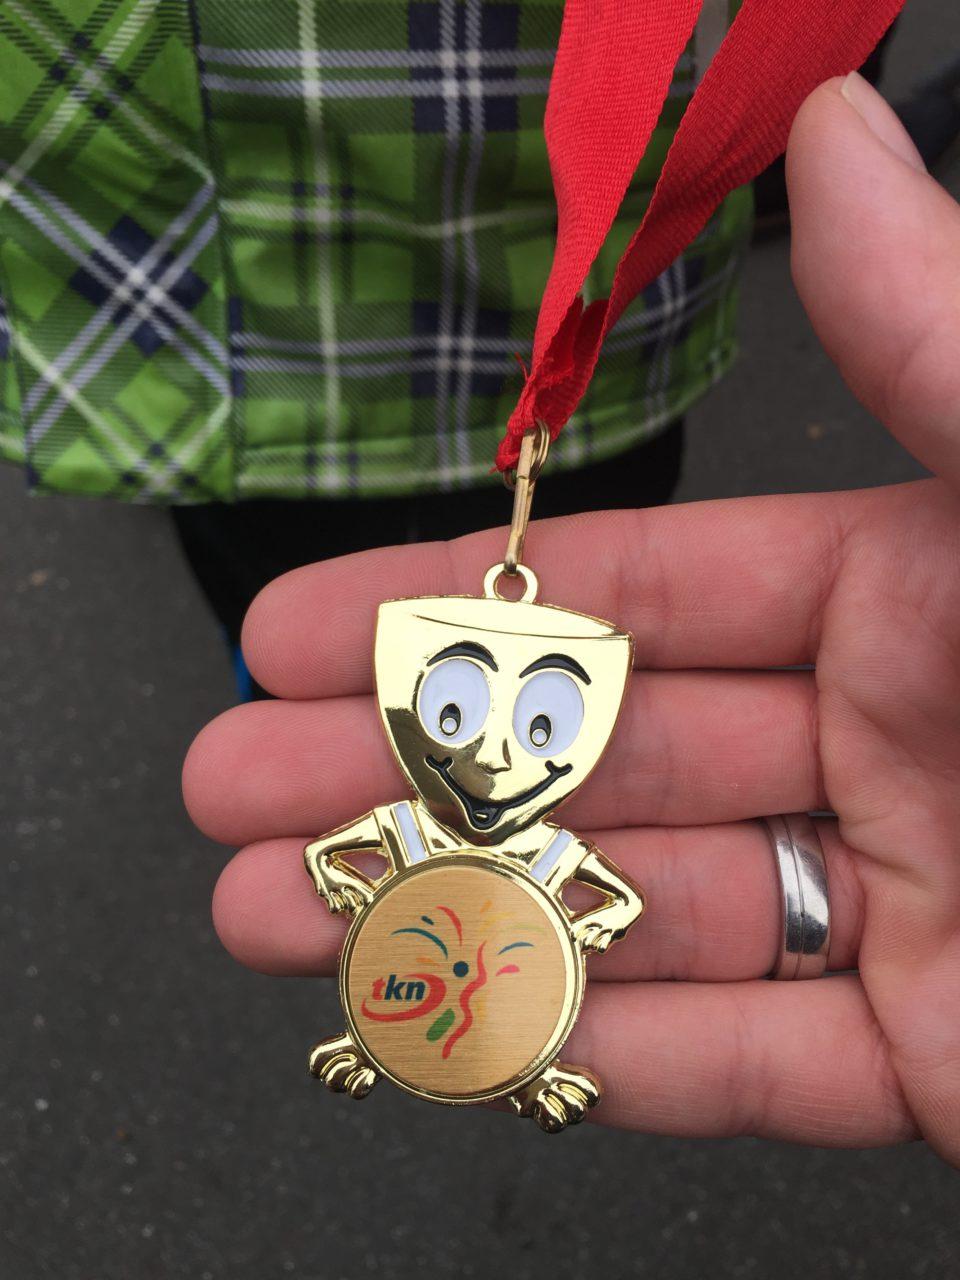 Bambini-Medaille